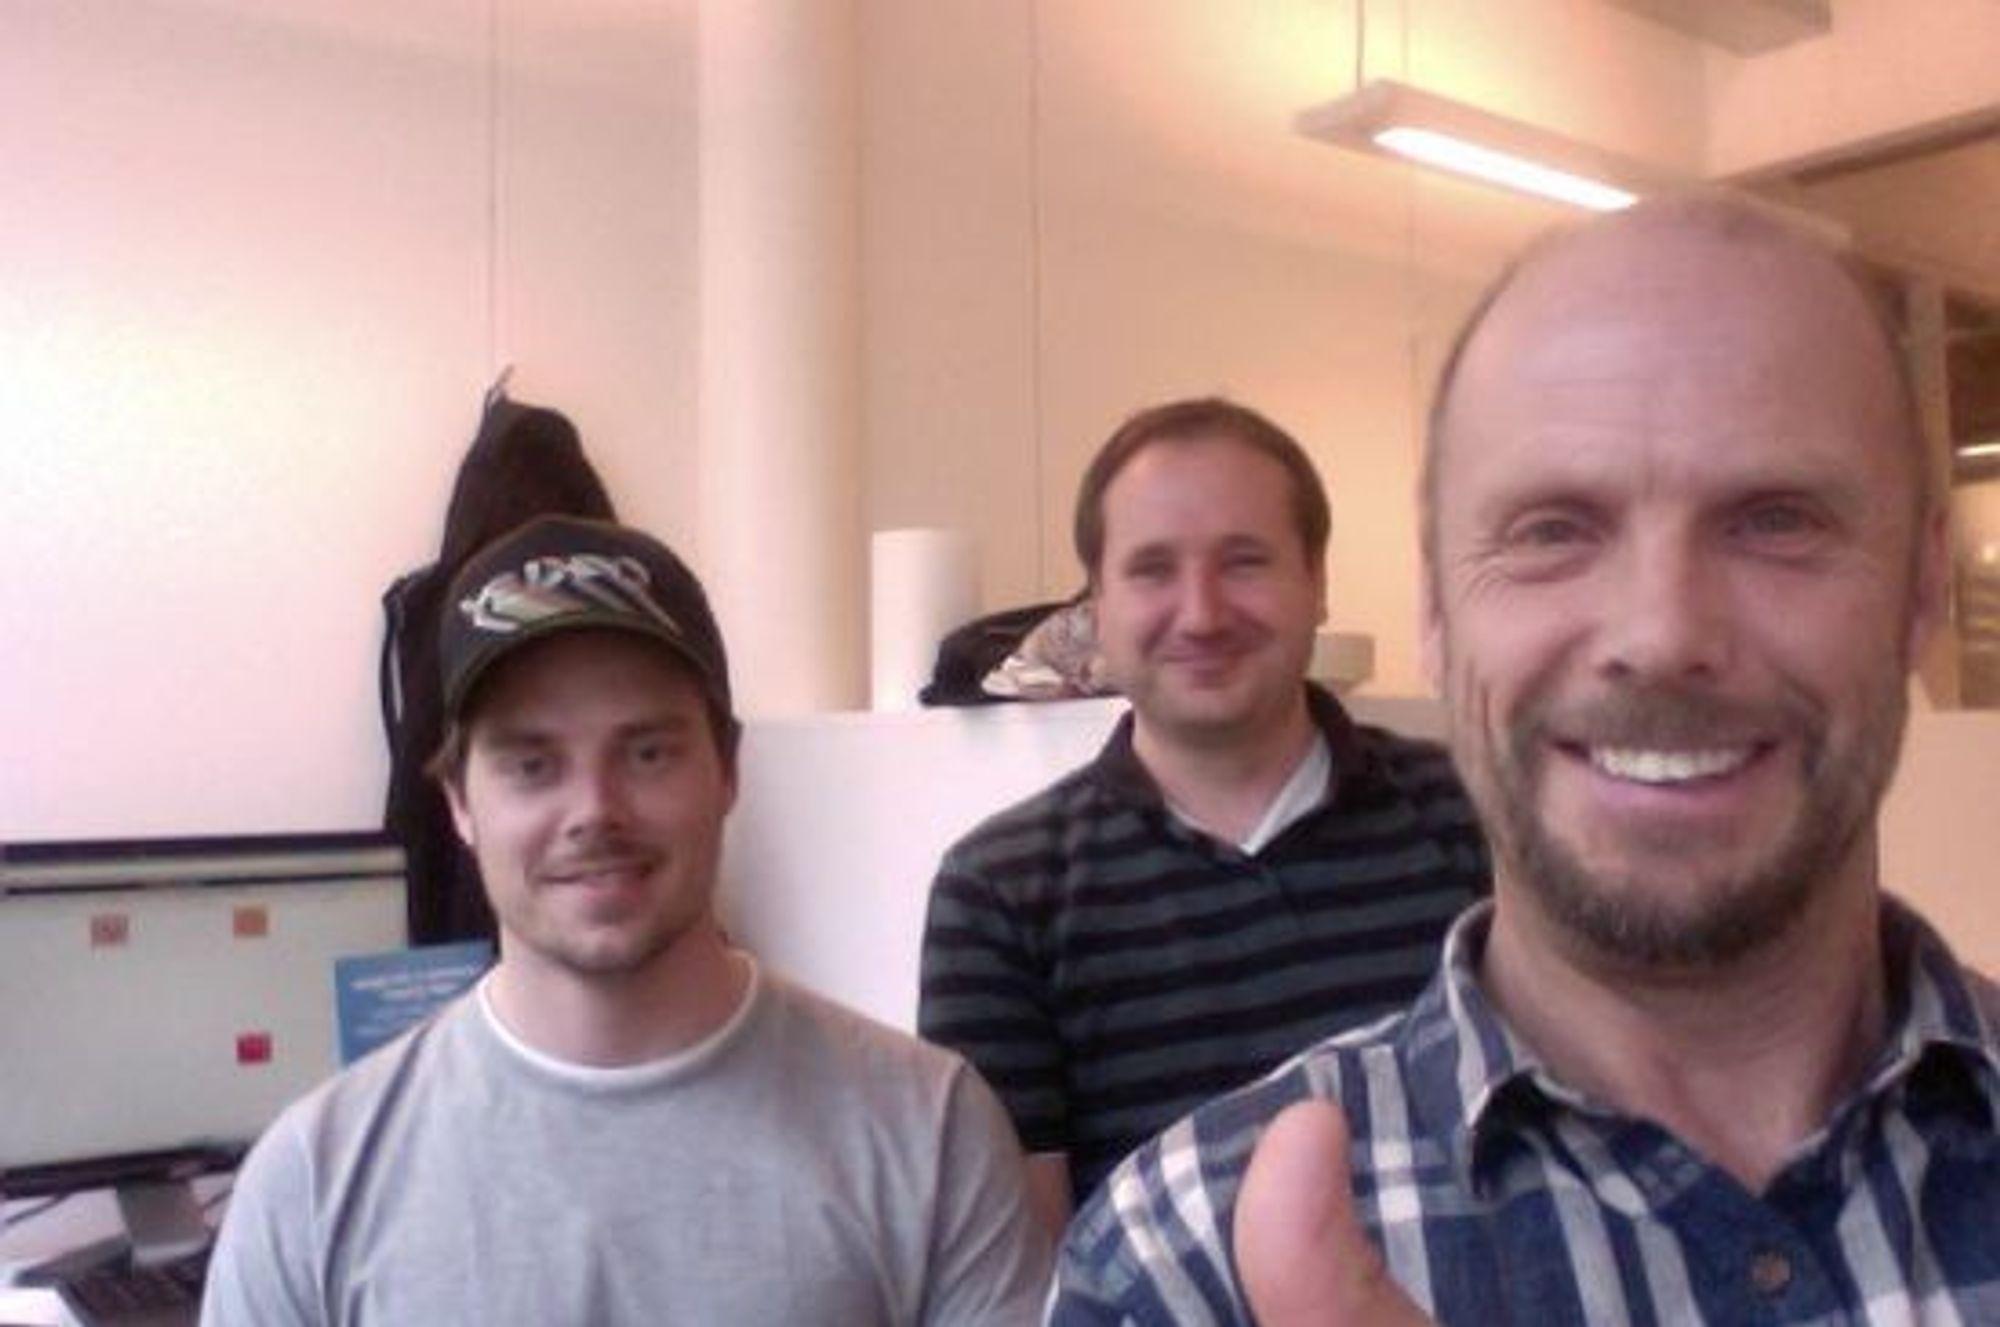 Tre av de fire ansatte i Symphonical, fra venstre Lasse Søberg, utvikler, Terje Torma, CTO, og  Bjørn Haugland, daglig leder. Jørgen Blindheim, Art Director, var ikke tilstede da bildet ble tatt.